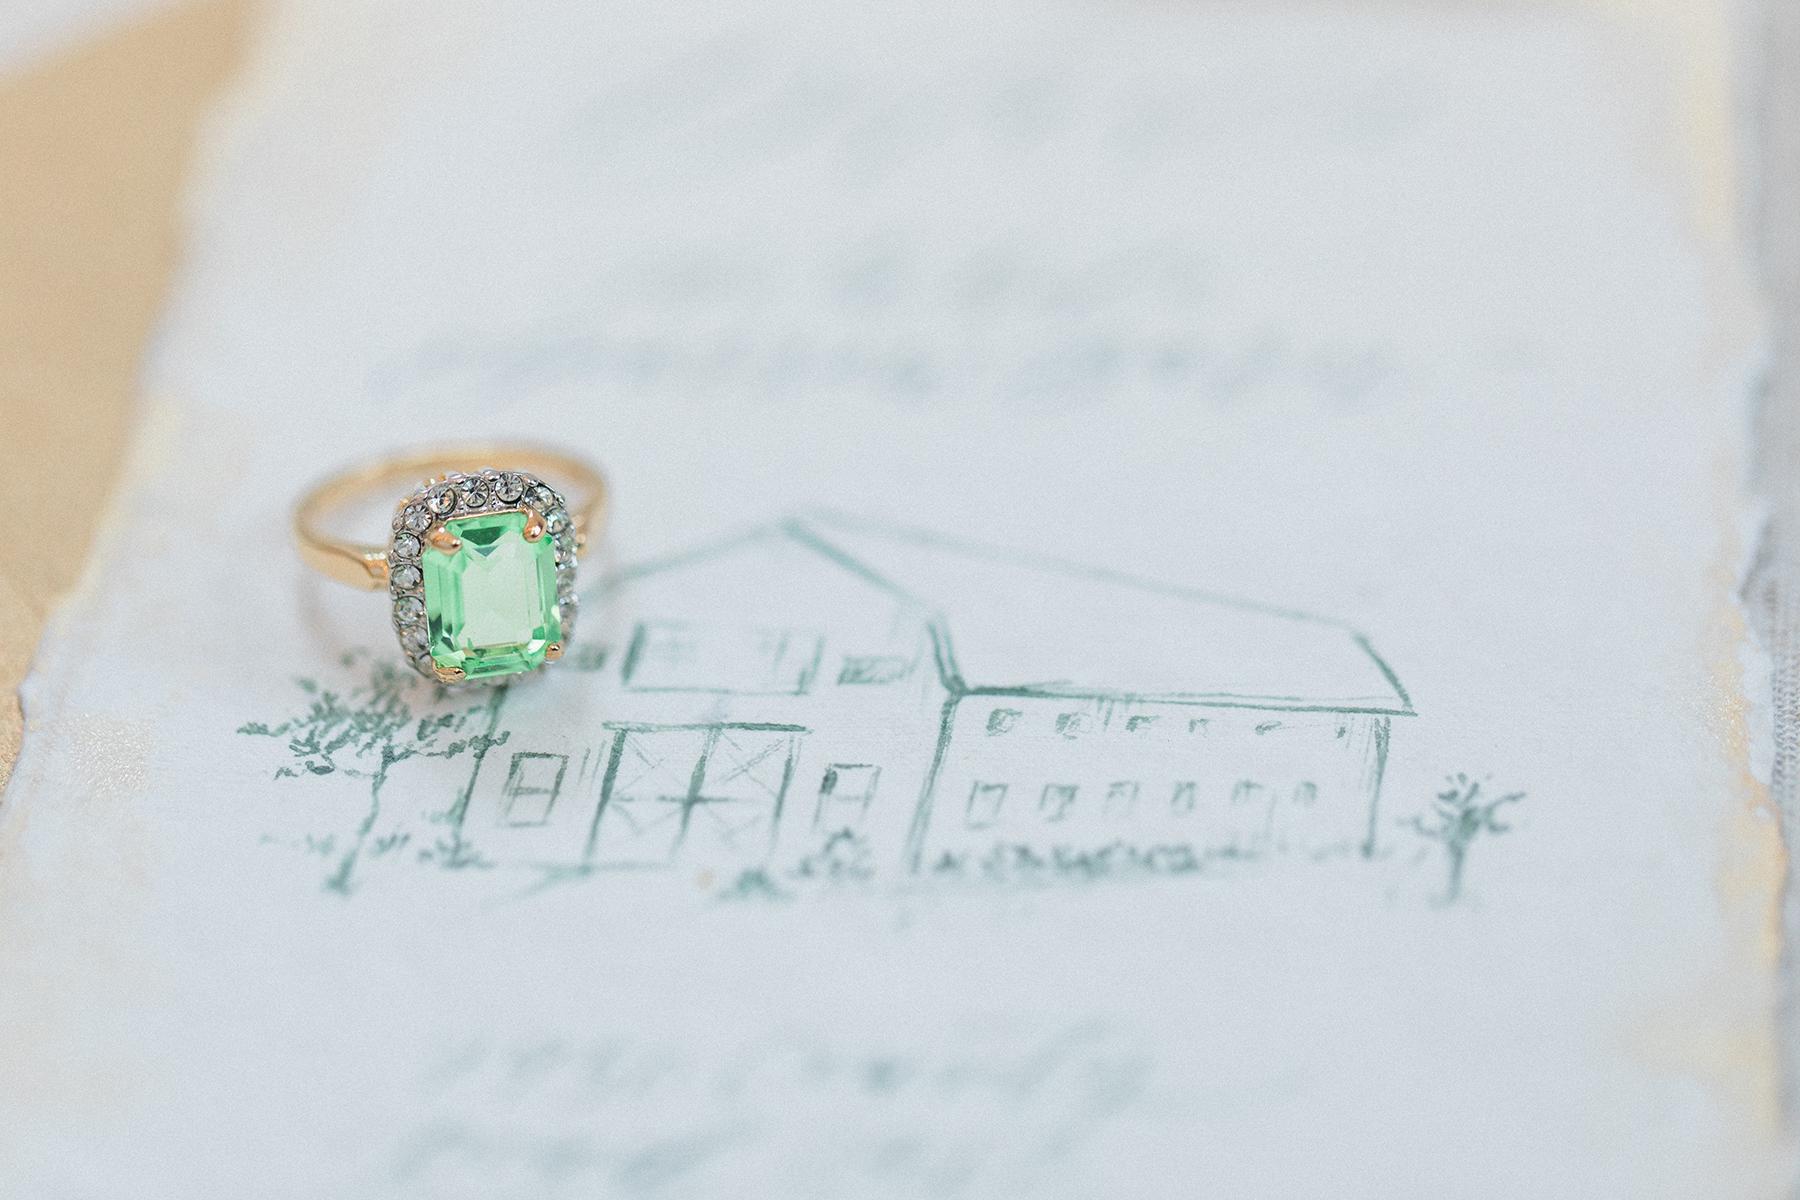 Dallas Wedding Venue | Trend We Love: Colorful Gemstones